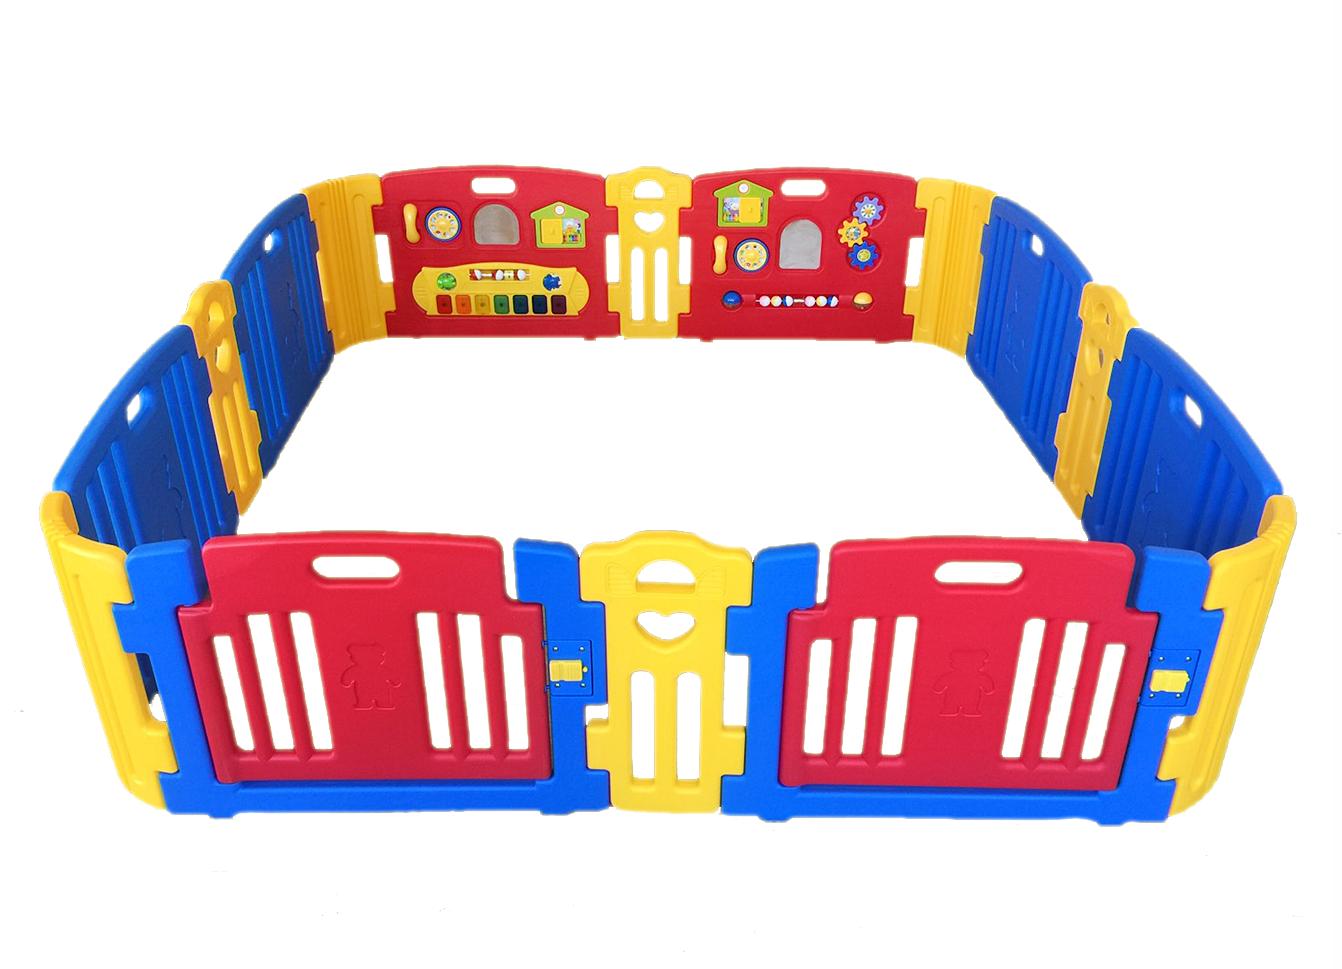 คอกกั้นเด็ก Haenim new สีแดงสดใส รุ่น Melody+ Playgame ไซร์ L